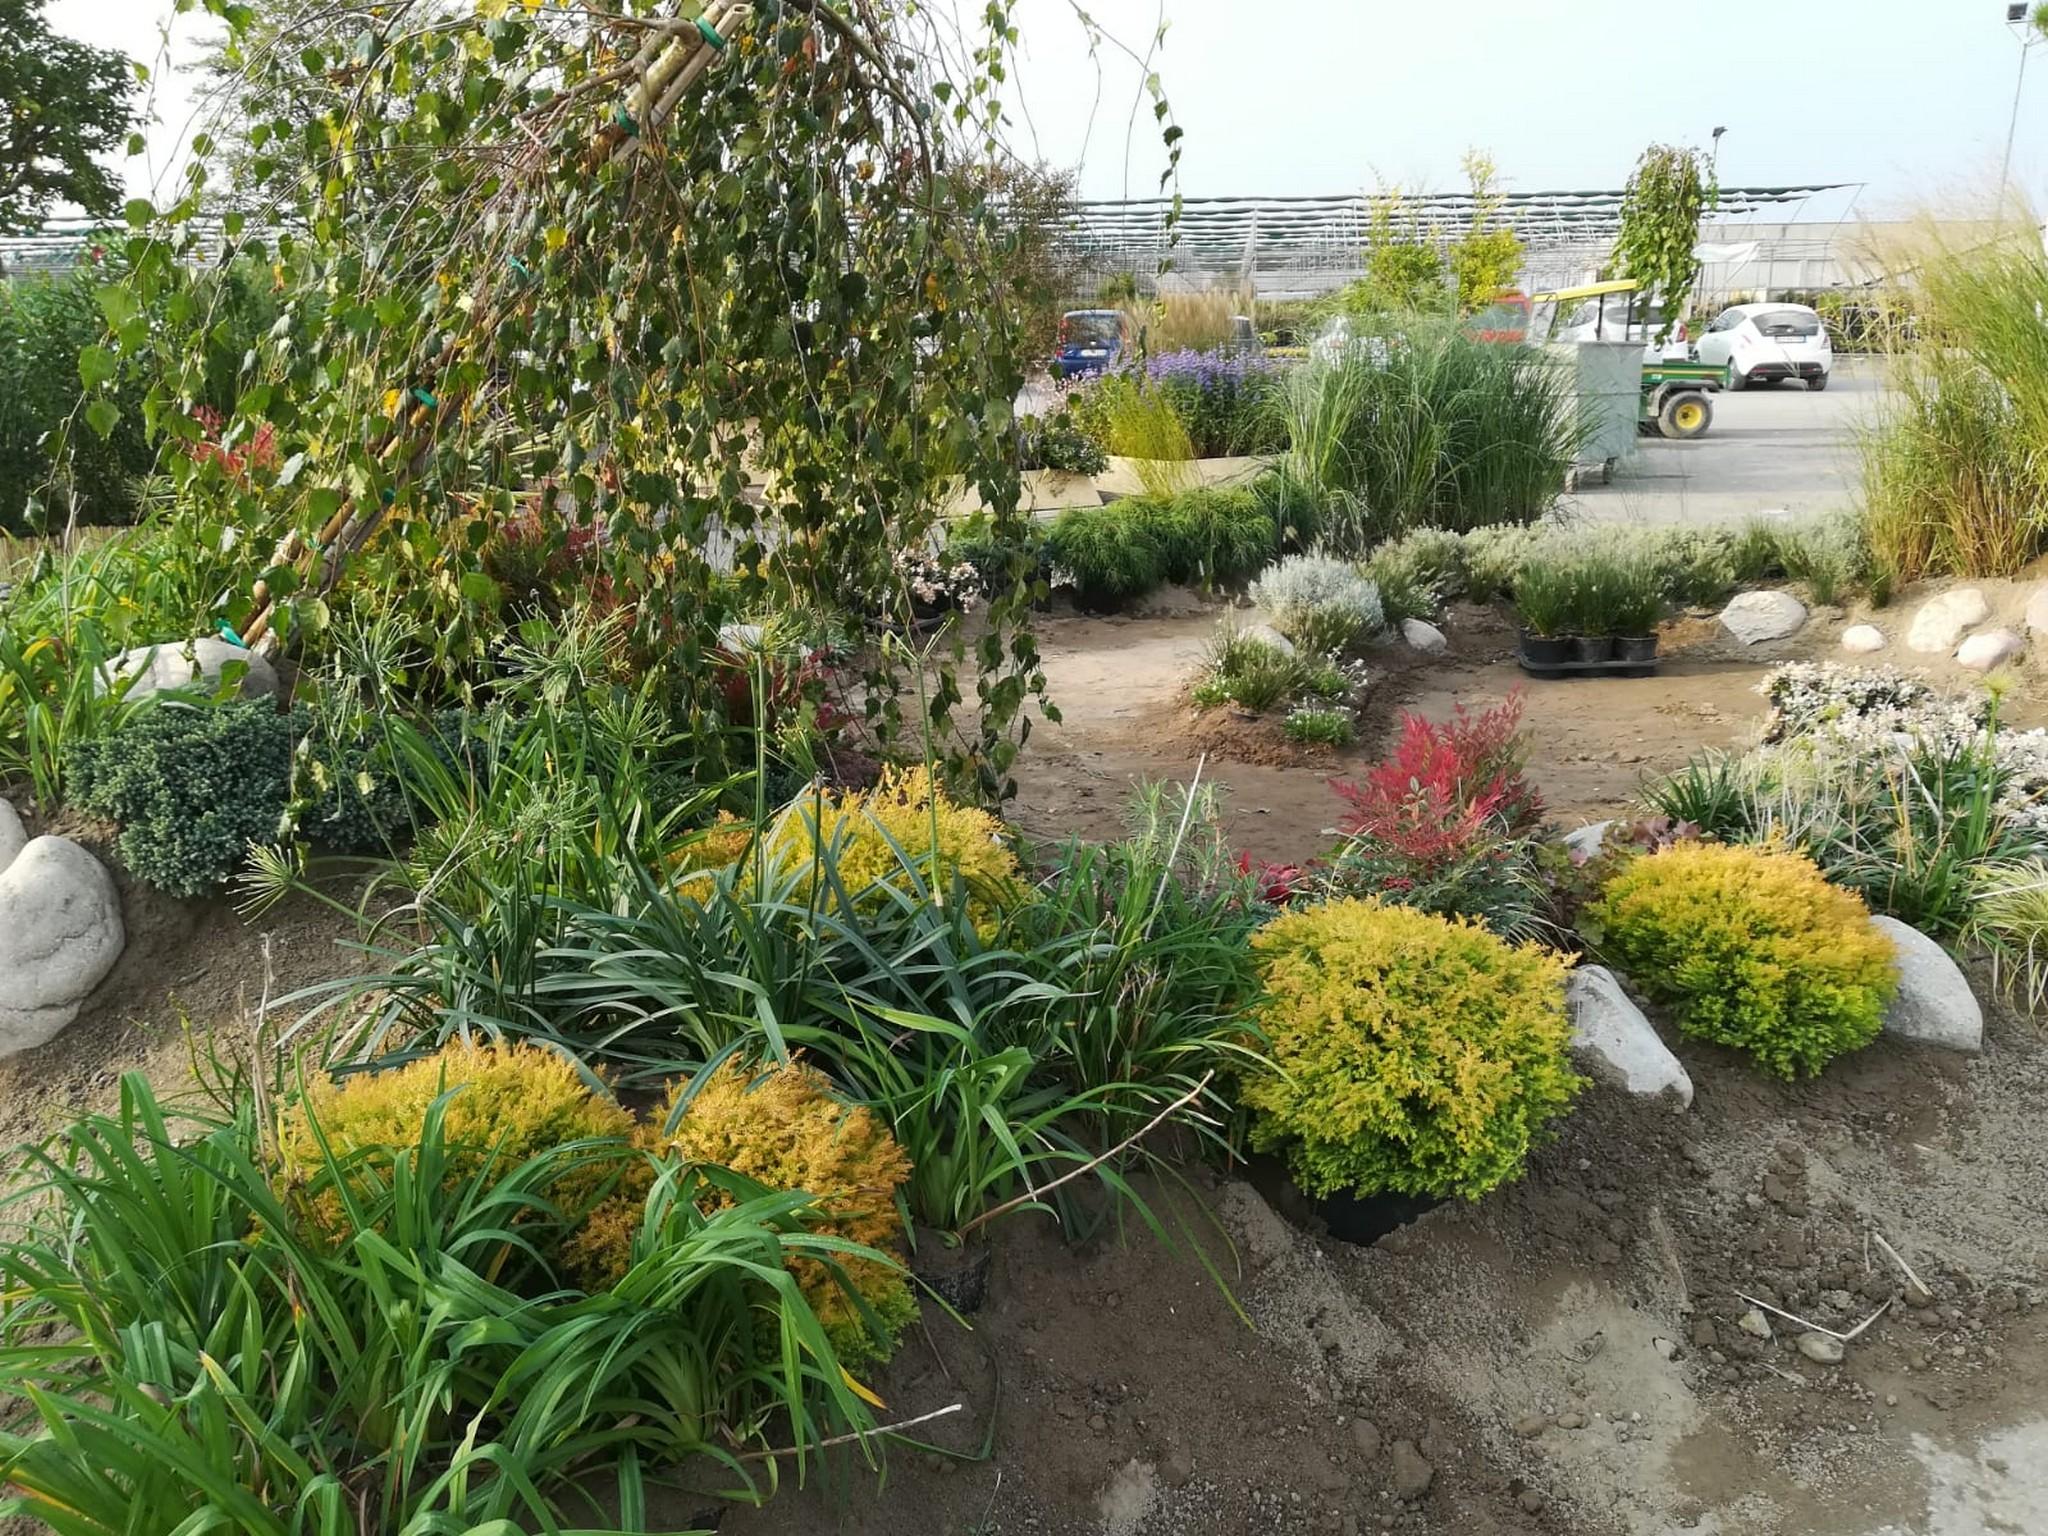 Concorso giardini Verdeggiando_144 NAUTILUS (DL4X4) Davide Cerruto – Walter Coccia – Emanuela Missanelli – Daniela Colombara